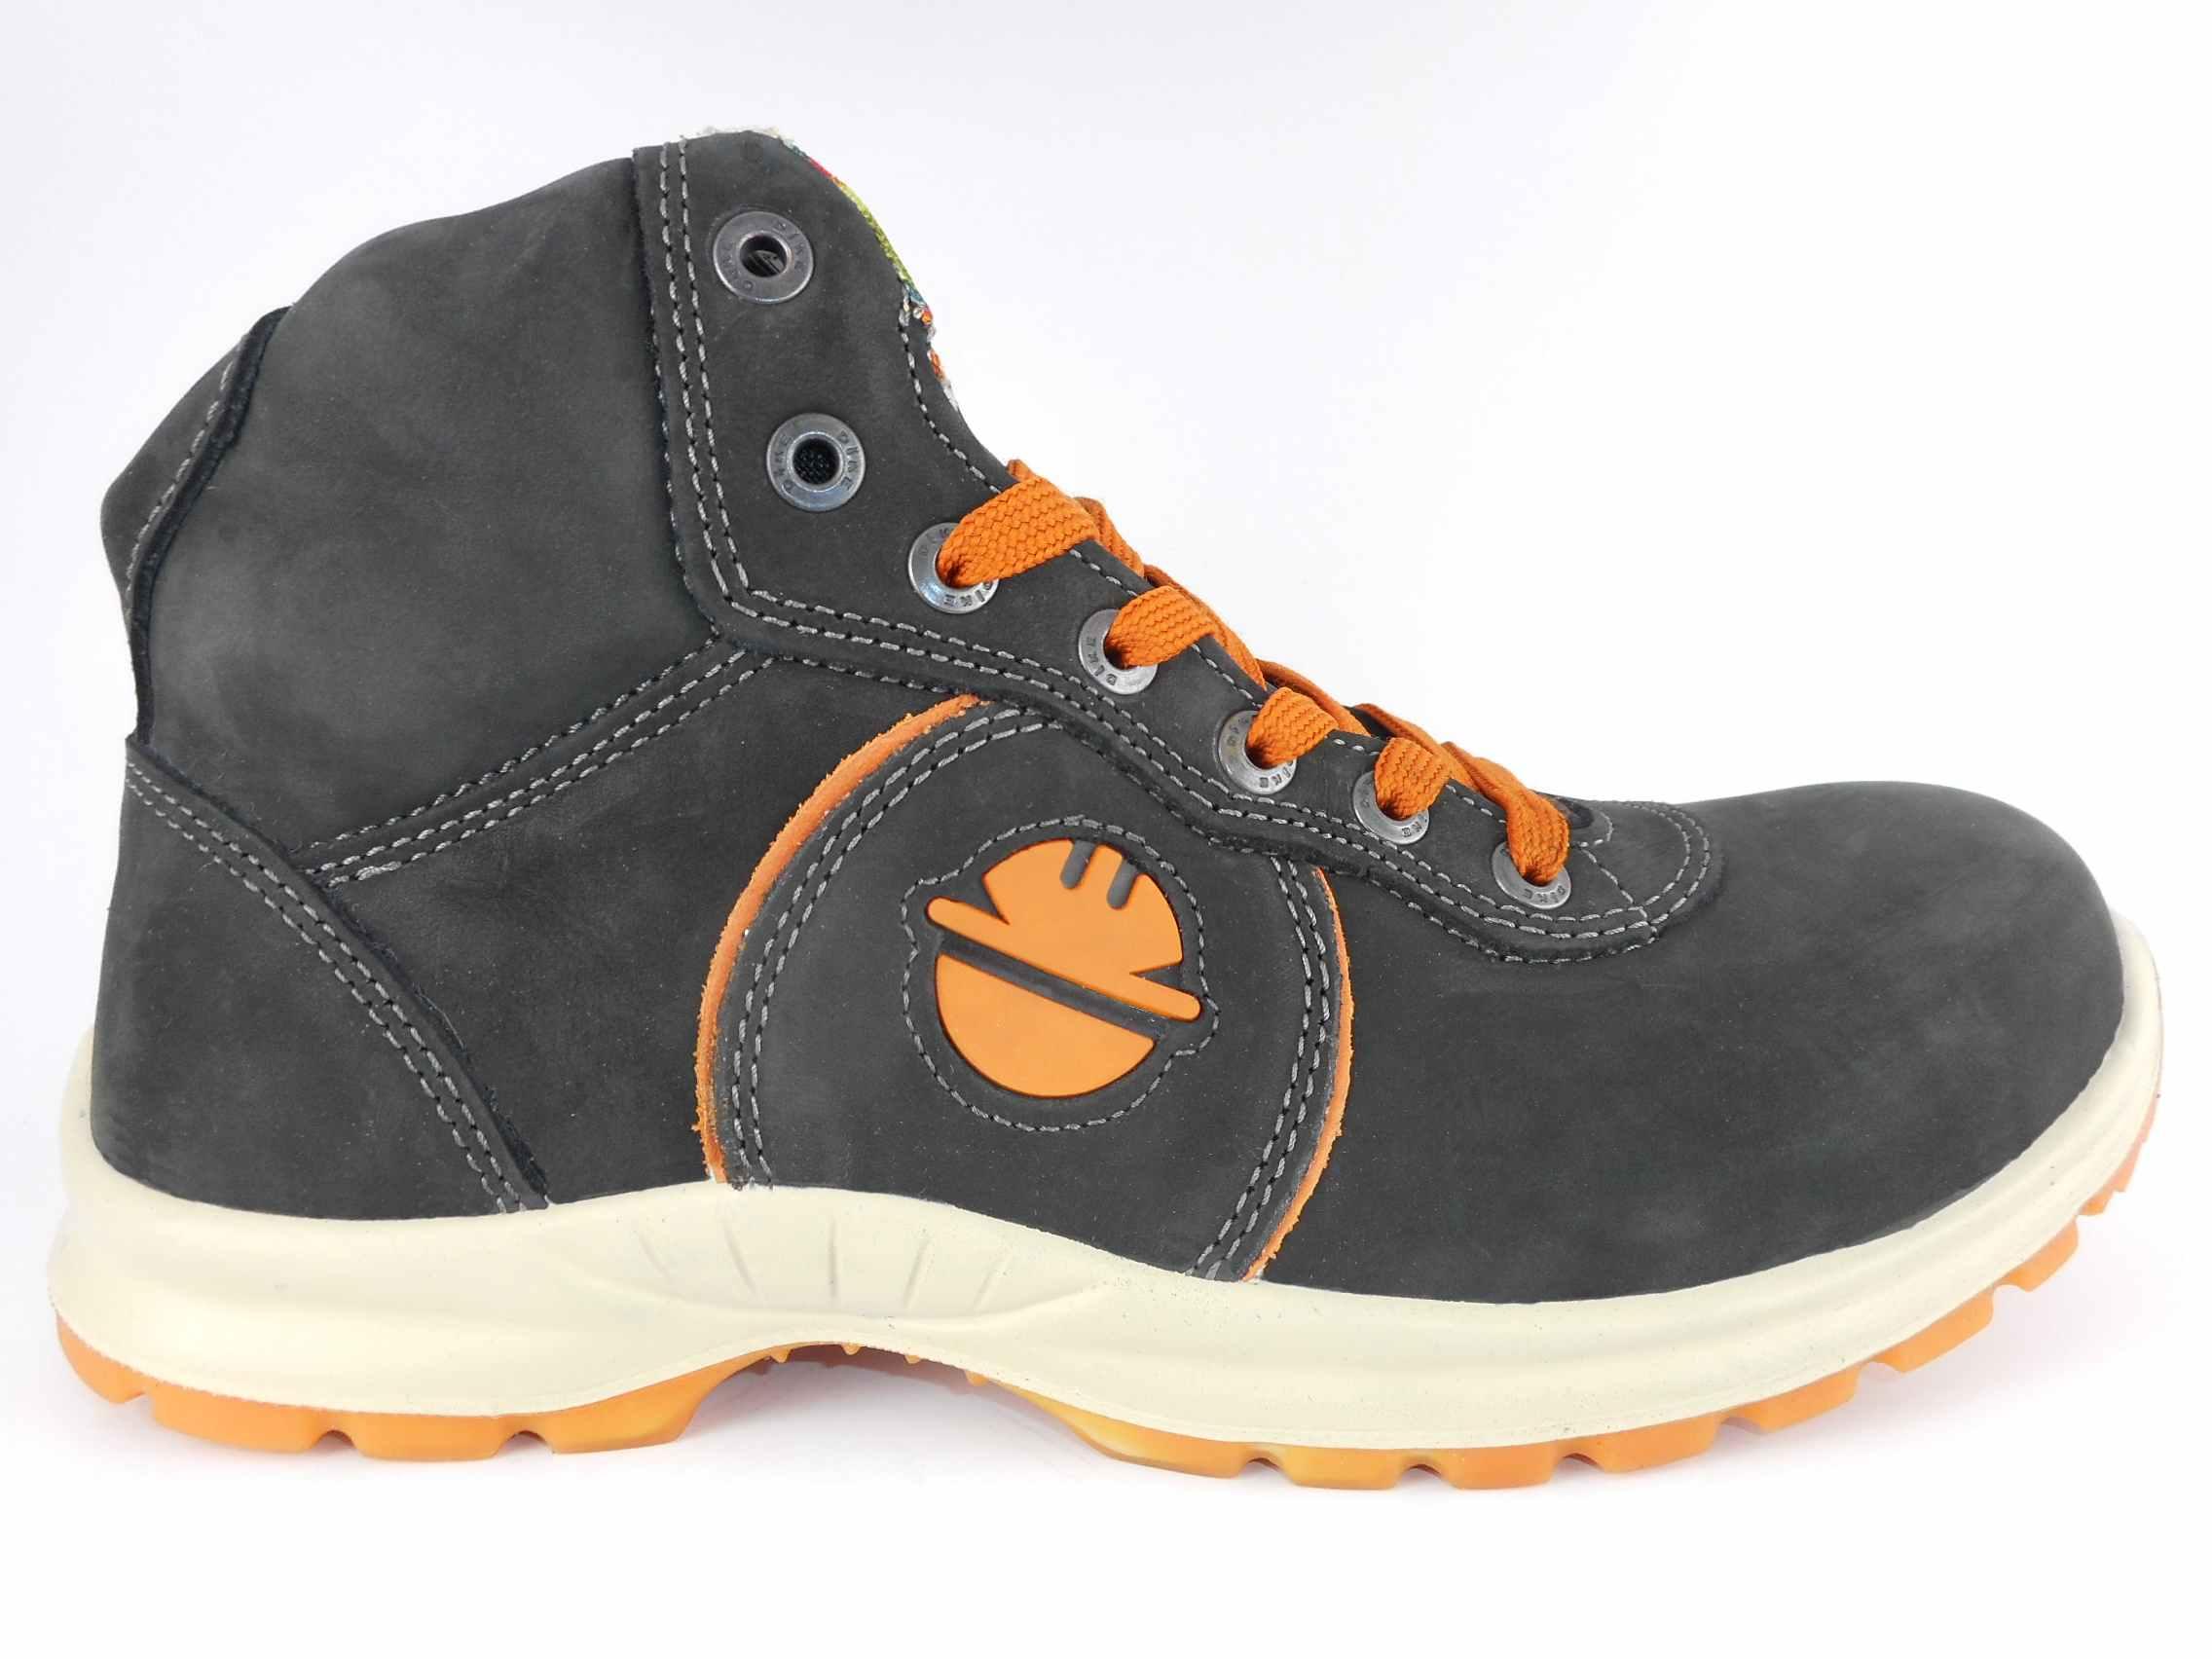 Chaussure de sécurité ADVANCE HAUTE NOIRE S3 SRC DIKE - Du 38 au 47